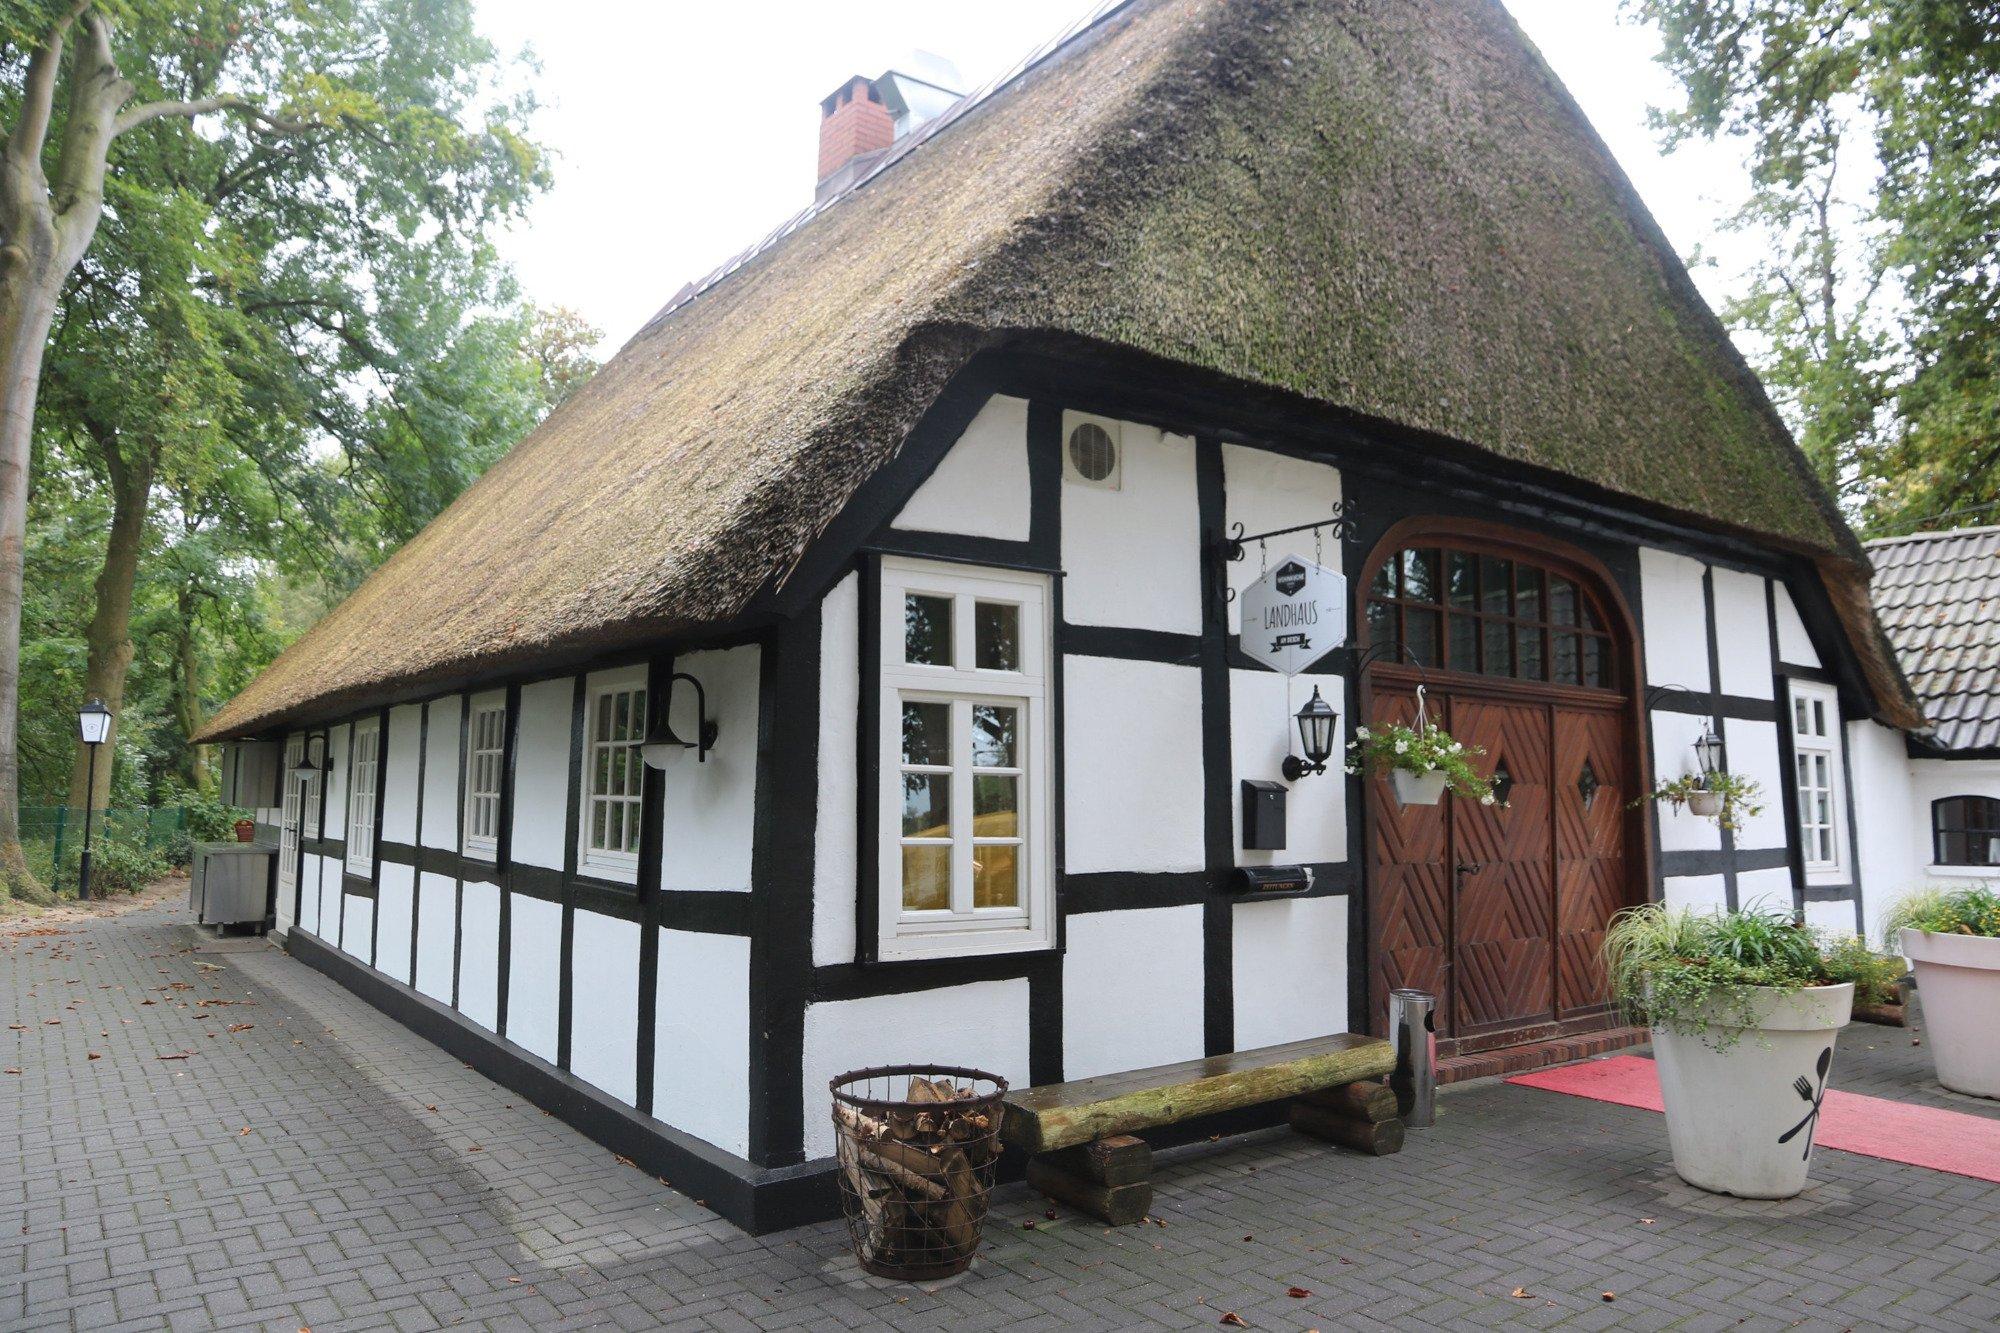 Wohnküche landhaus am deich bremen  Wohnkuche Landhaus am Deich, Bremen - Restaurant Bewertungen ...